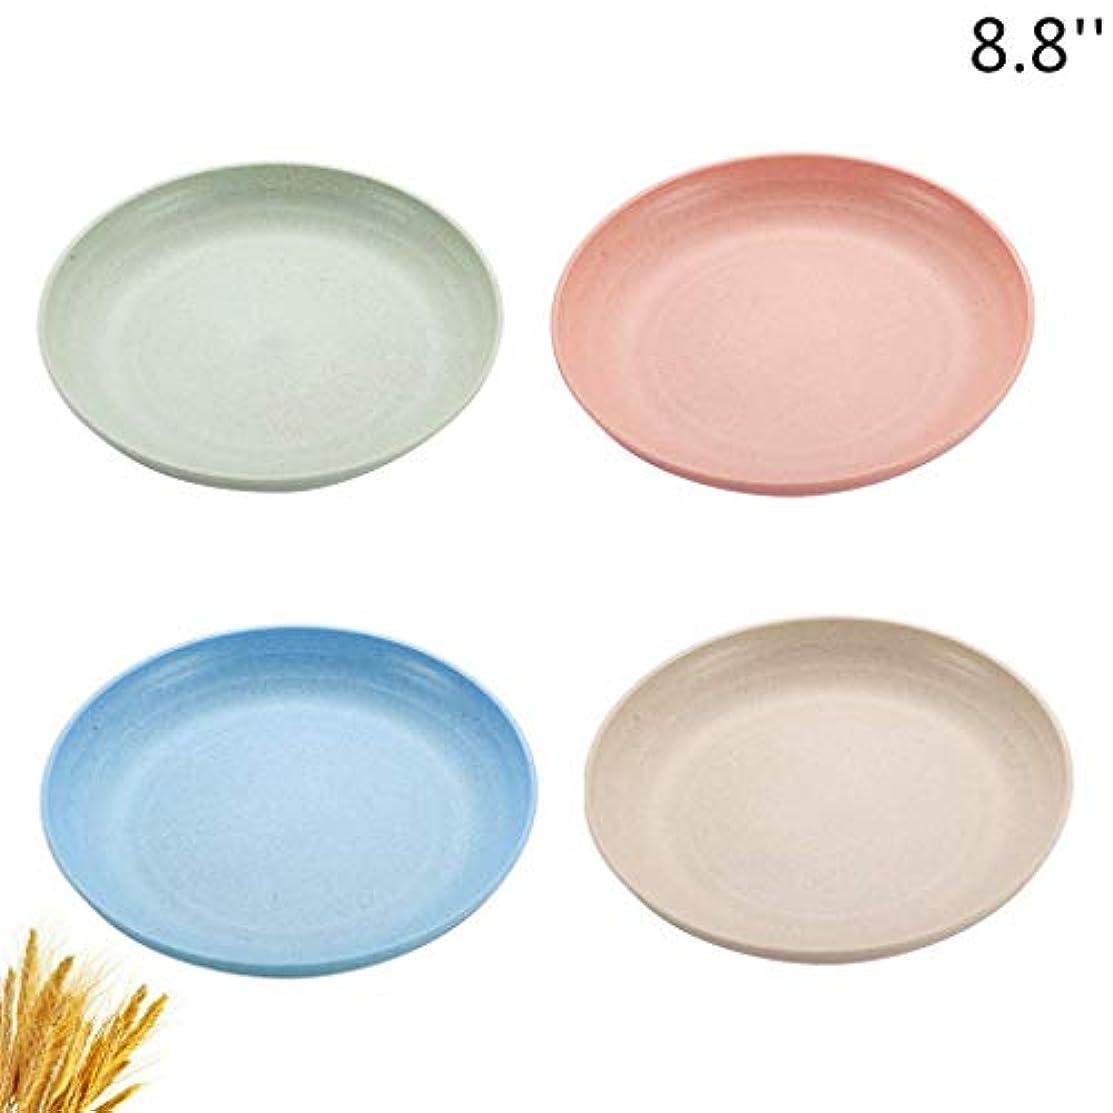 チェス前提条件芽NNBB 軽量&壊れない麦わら皿 8.8インチ 電子レンジ 非毒性 健康 環境に優しい 分解性皿 健康的 BPA安全 食事 フルーツスナックコンテナ用 (4個パック)。